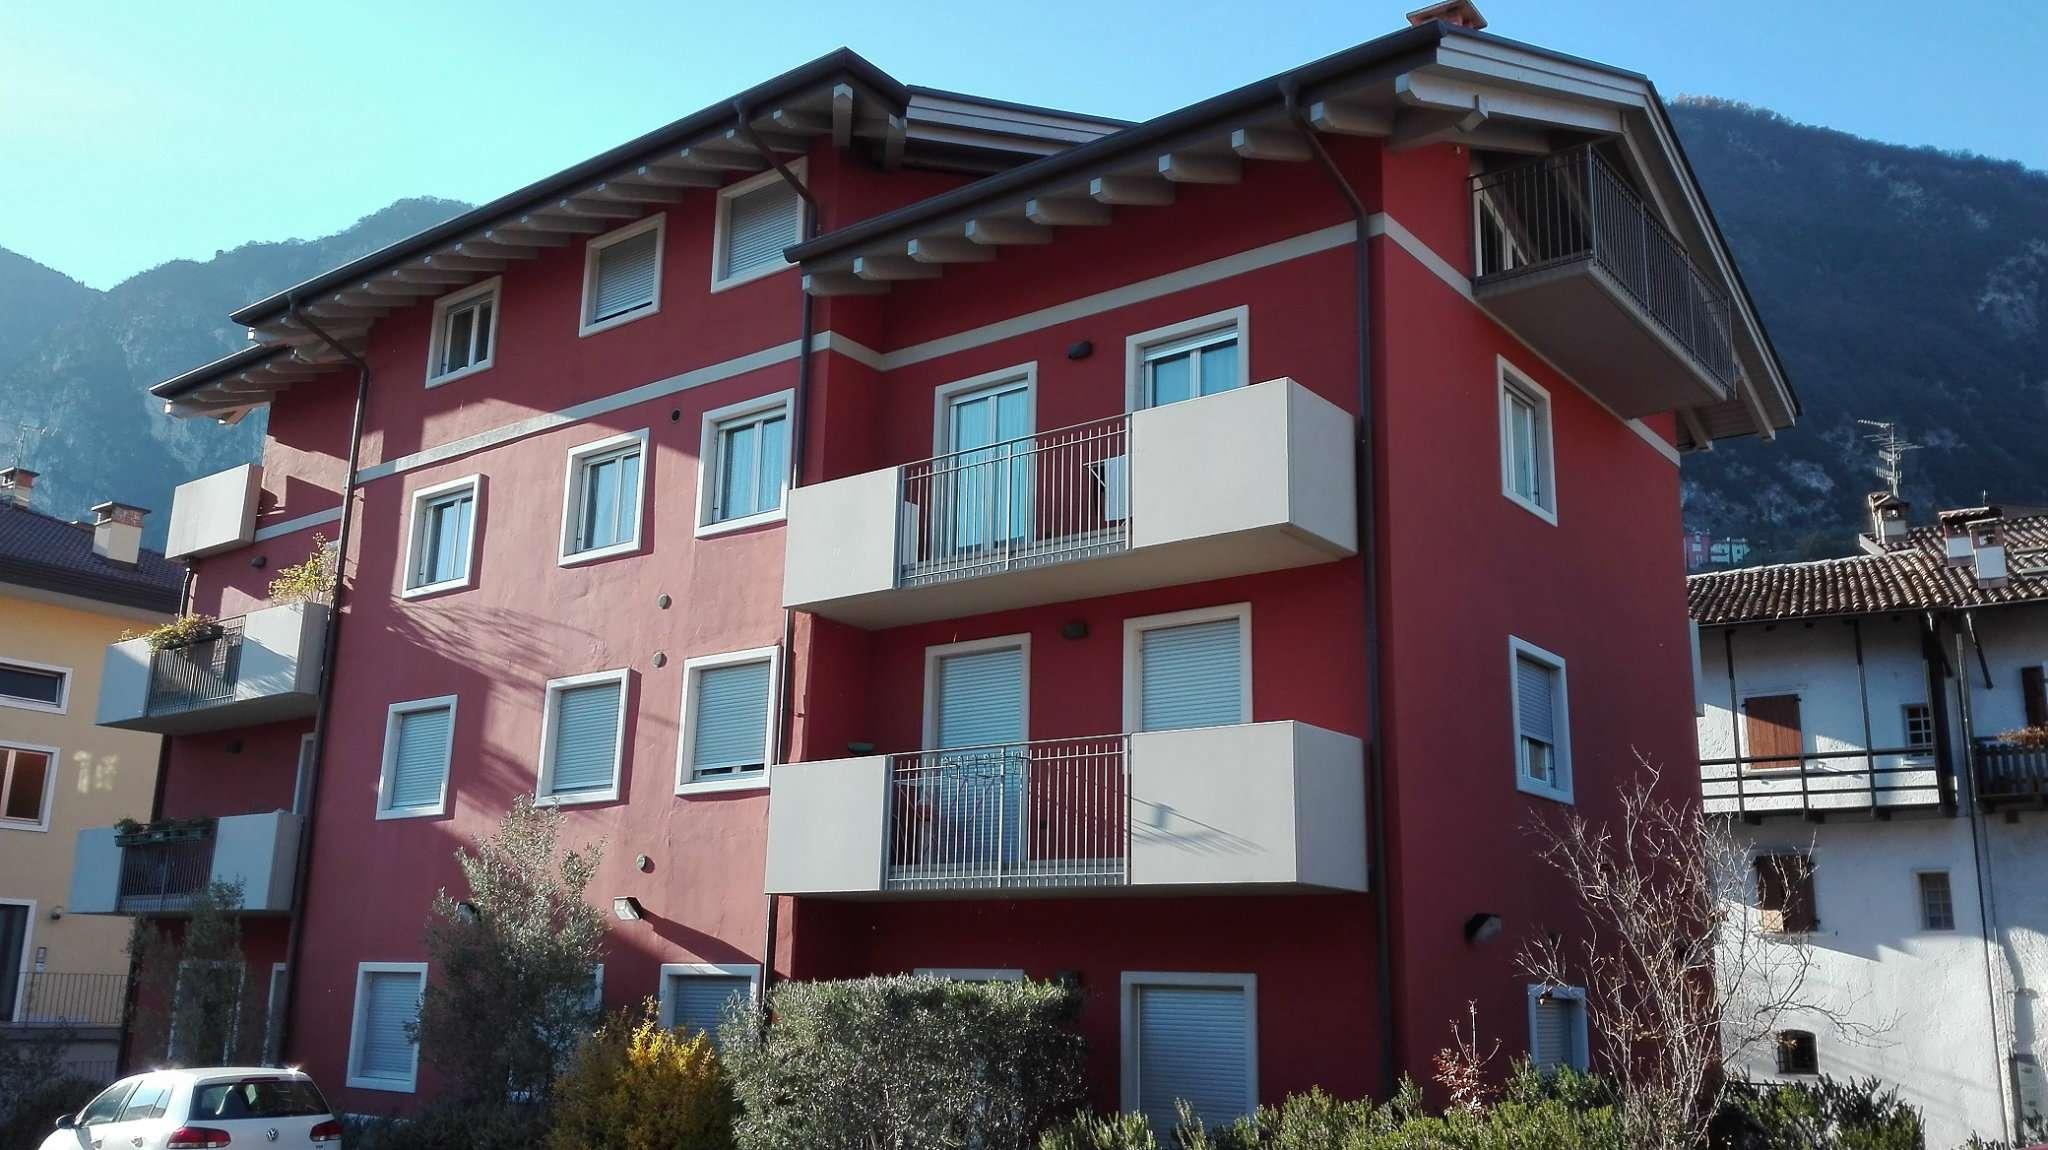 Appartamento in vendita a Riva del Garda, 2 locali, prezzo € 198.000 | Cambio Casa.it